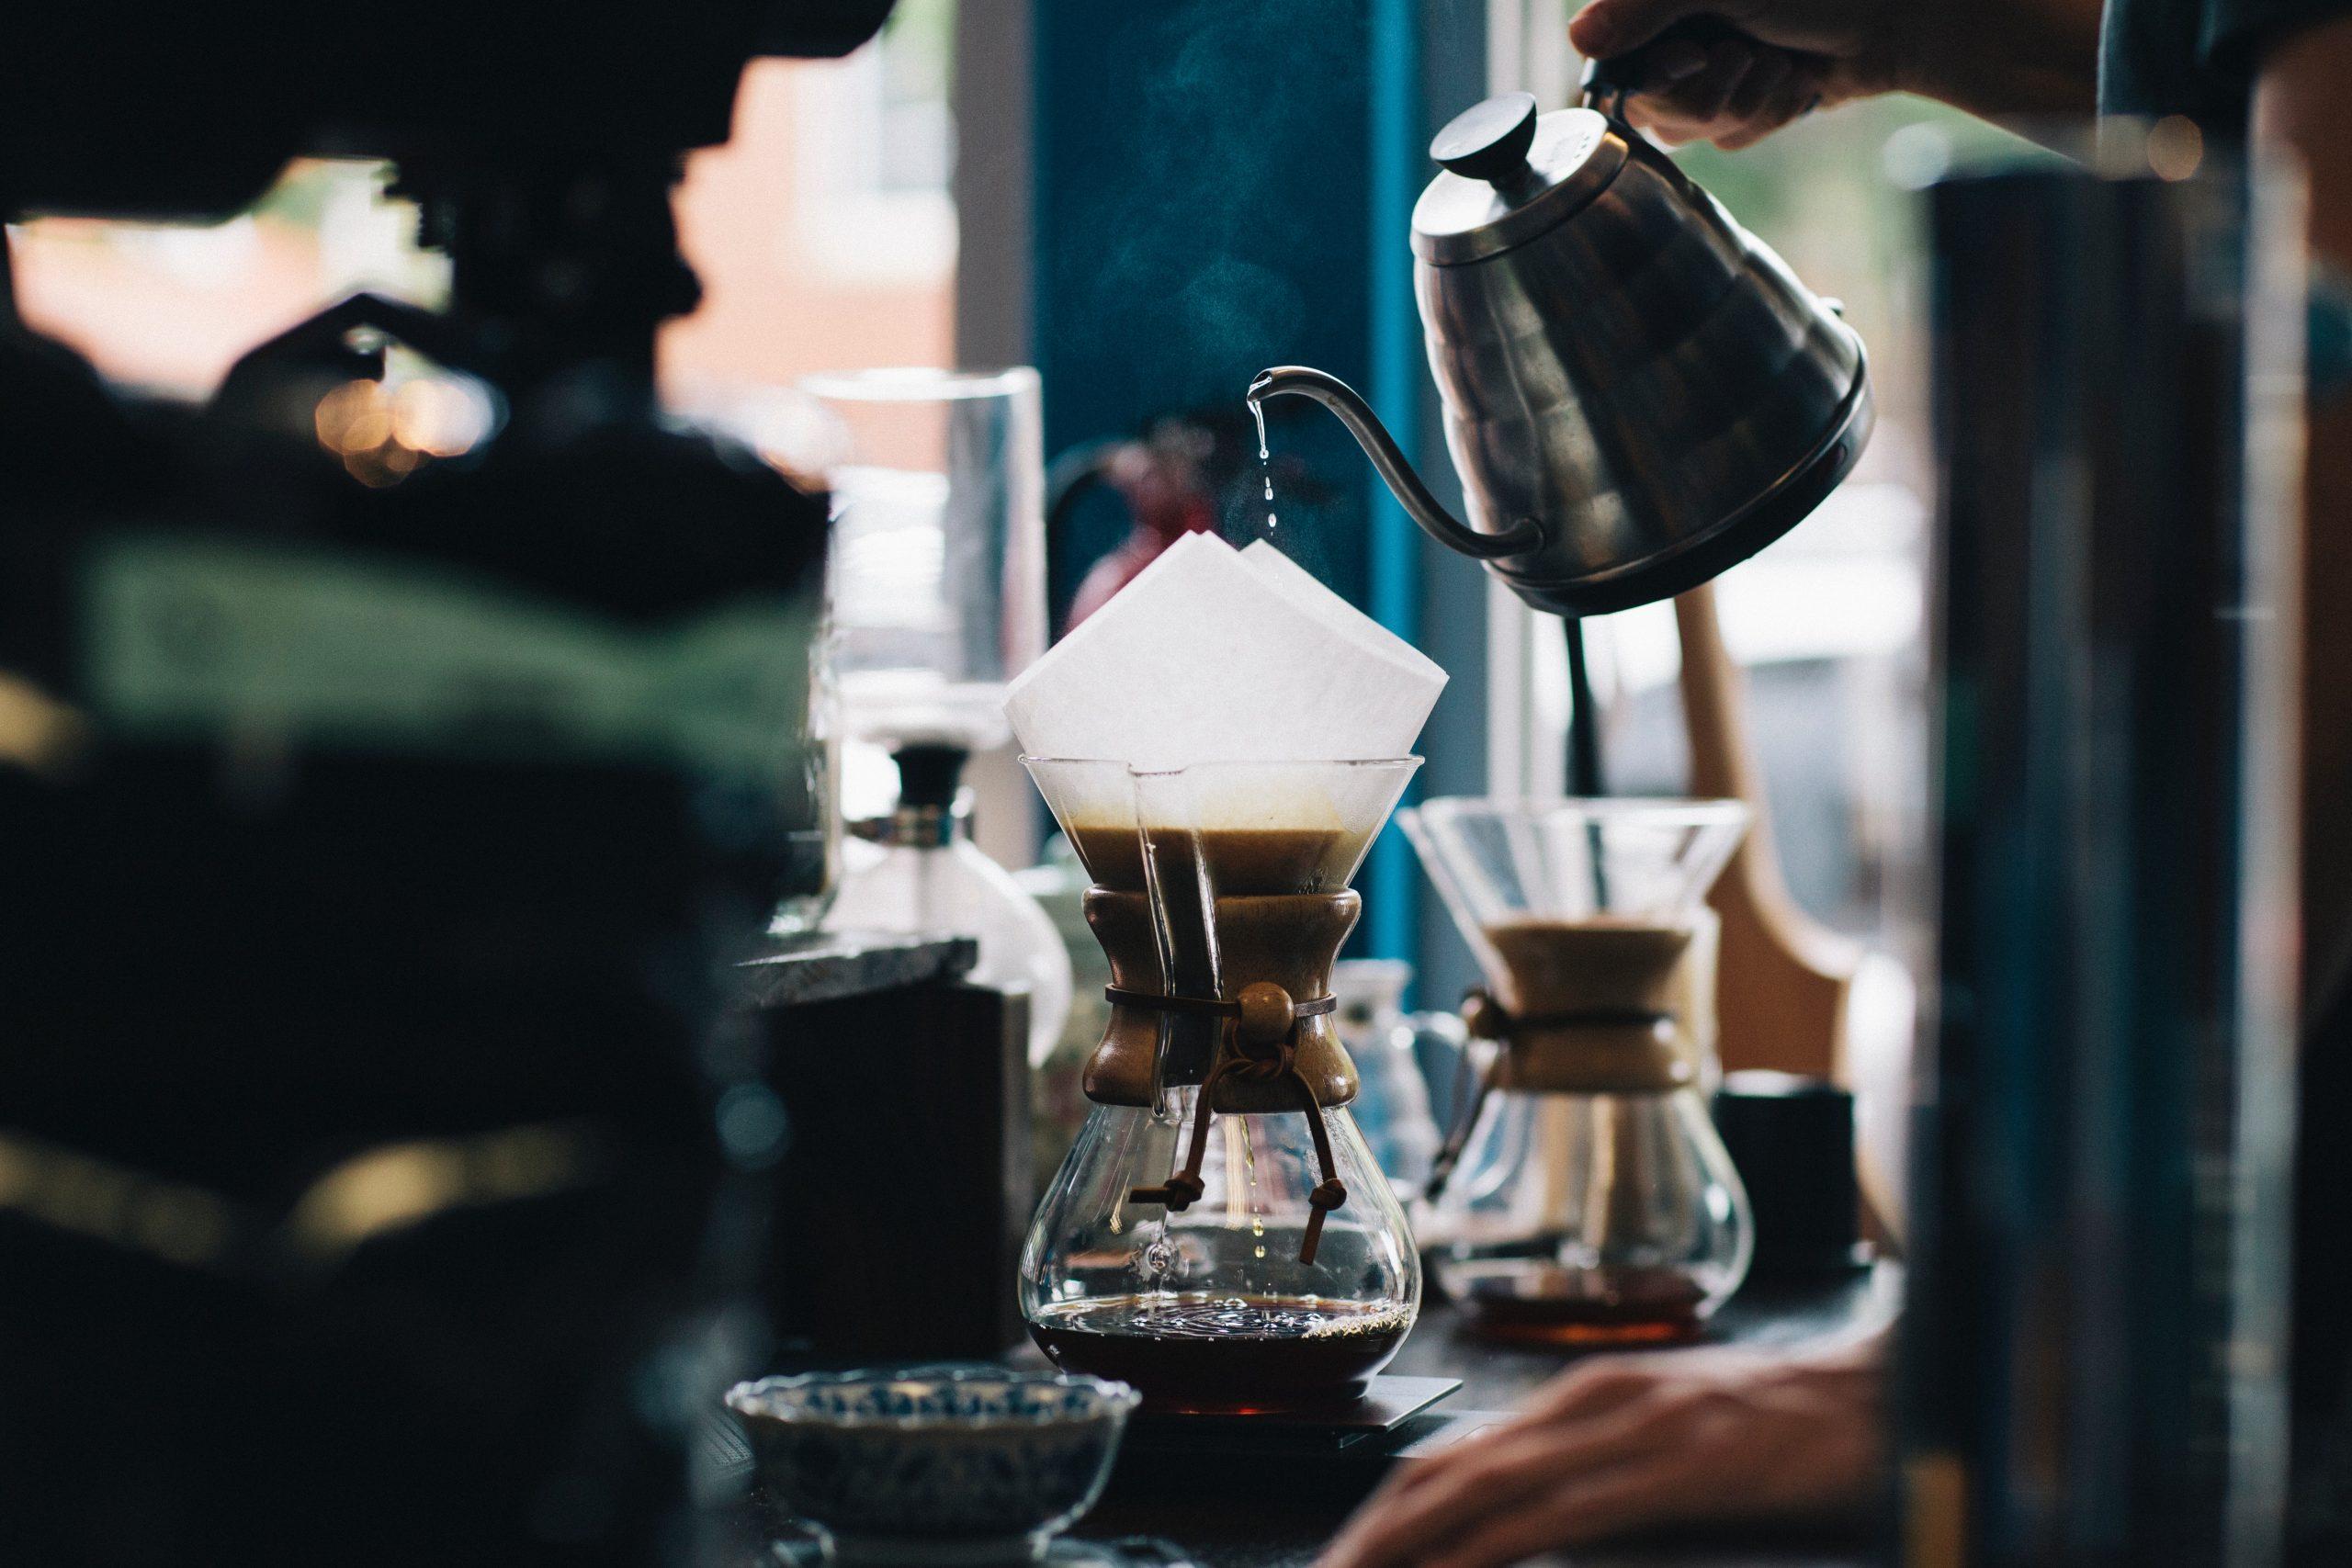 Na foto uma pessoa passando café em um filtro de papel.